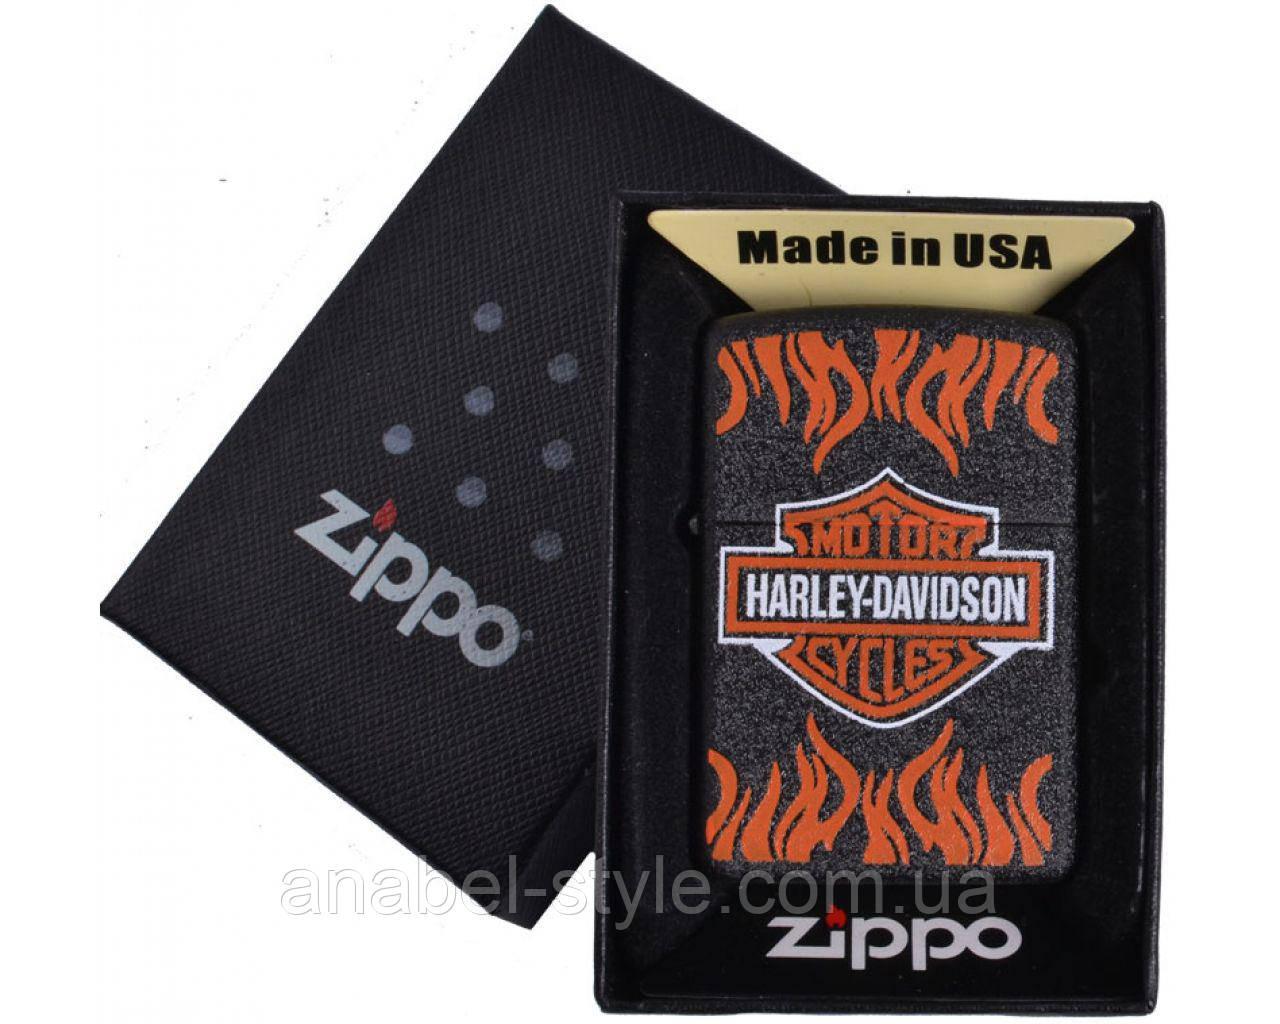 Зажигалка бензиновая Zippo HARLEY-DAVIDSON в подарочной упаковке №4739-1 Код 118576